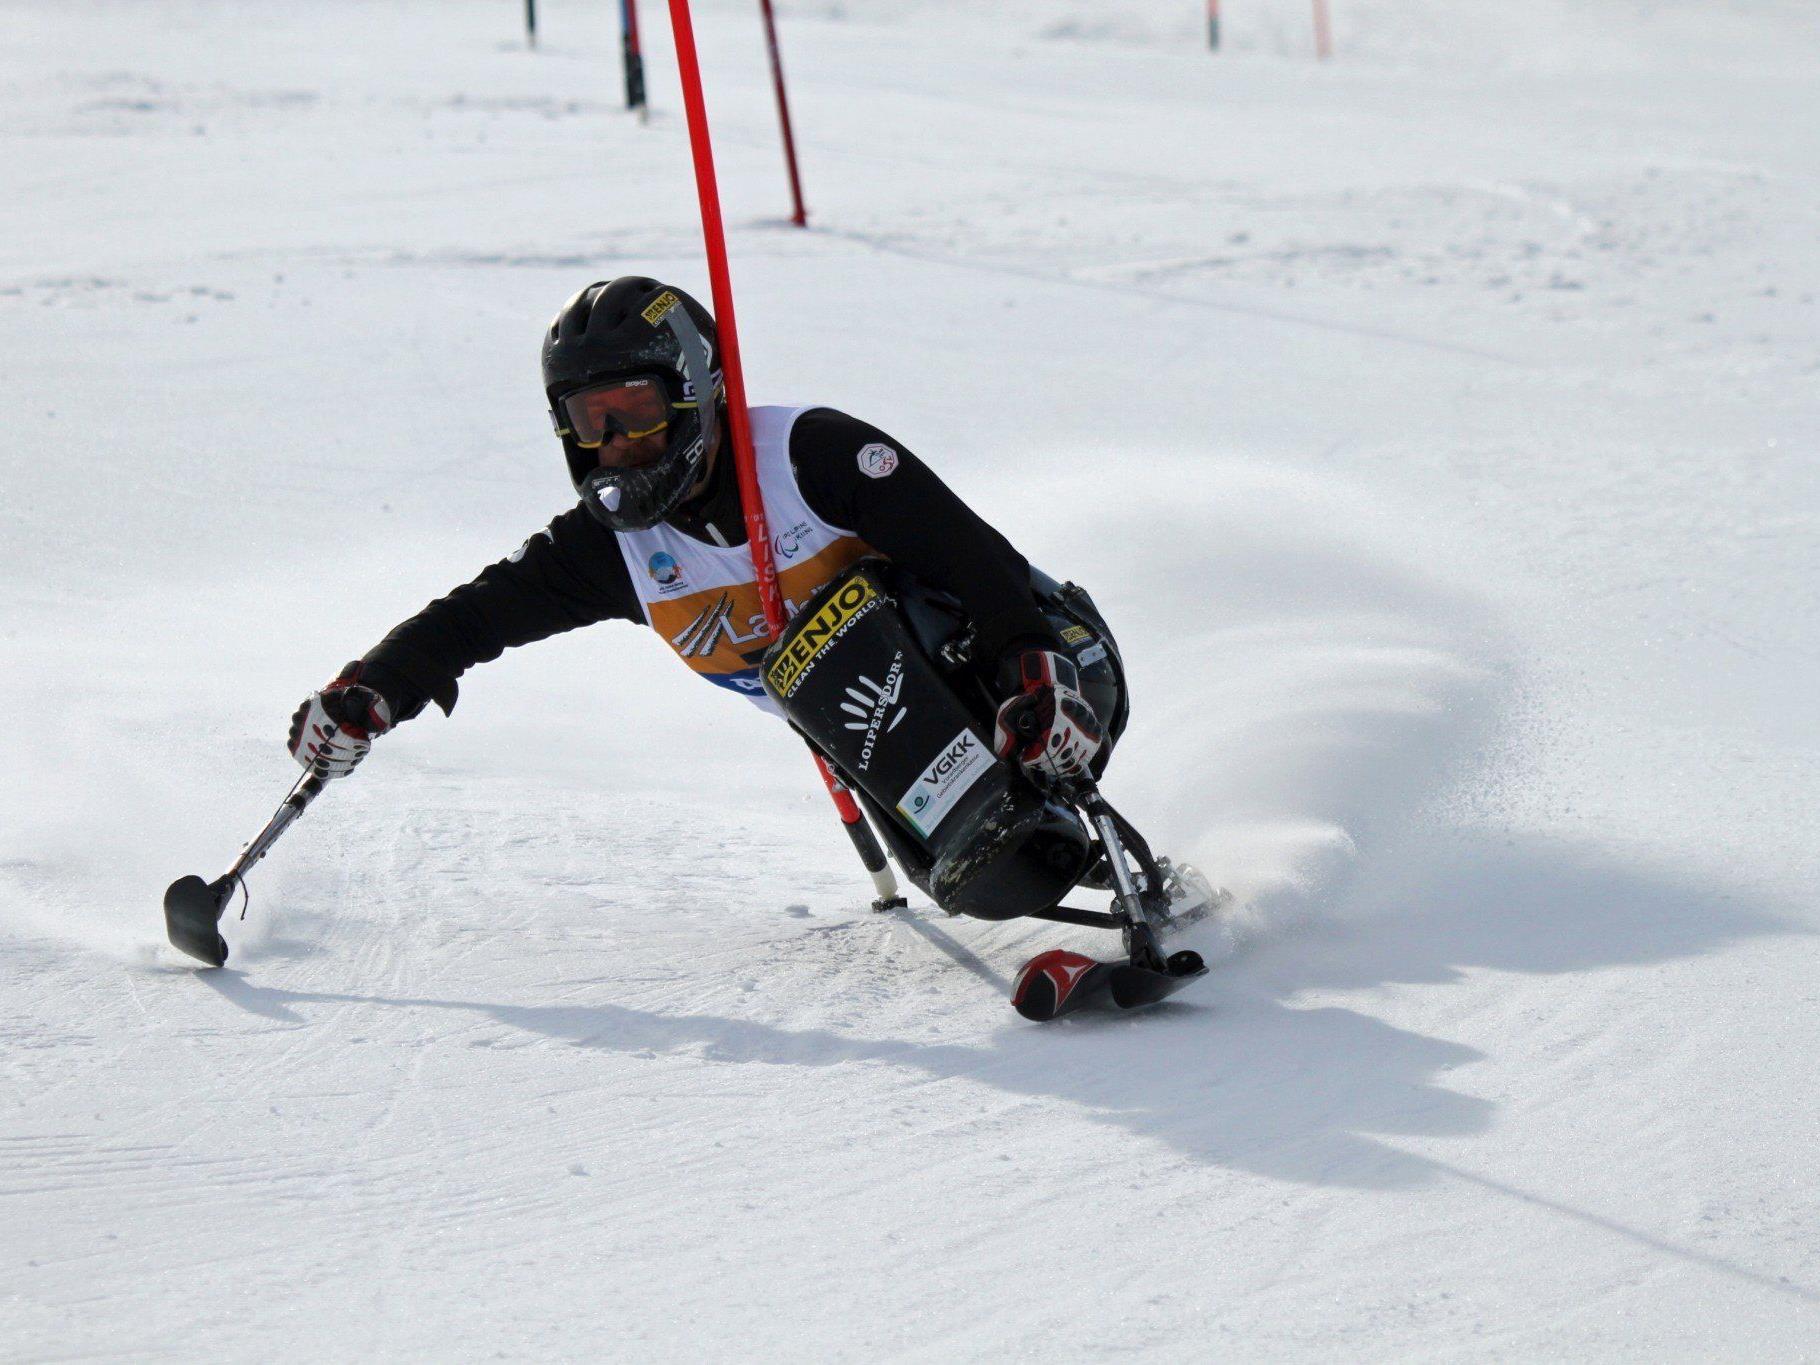 Philipp Bonadimann auf dem Weg zu Gold bei der Weltmeisterschaft der alpinen Behindertensportler in La Molina.